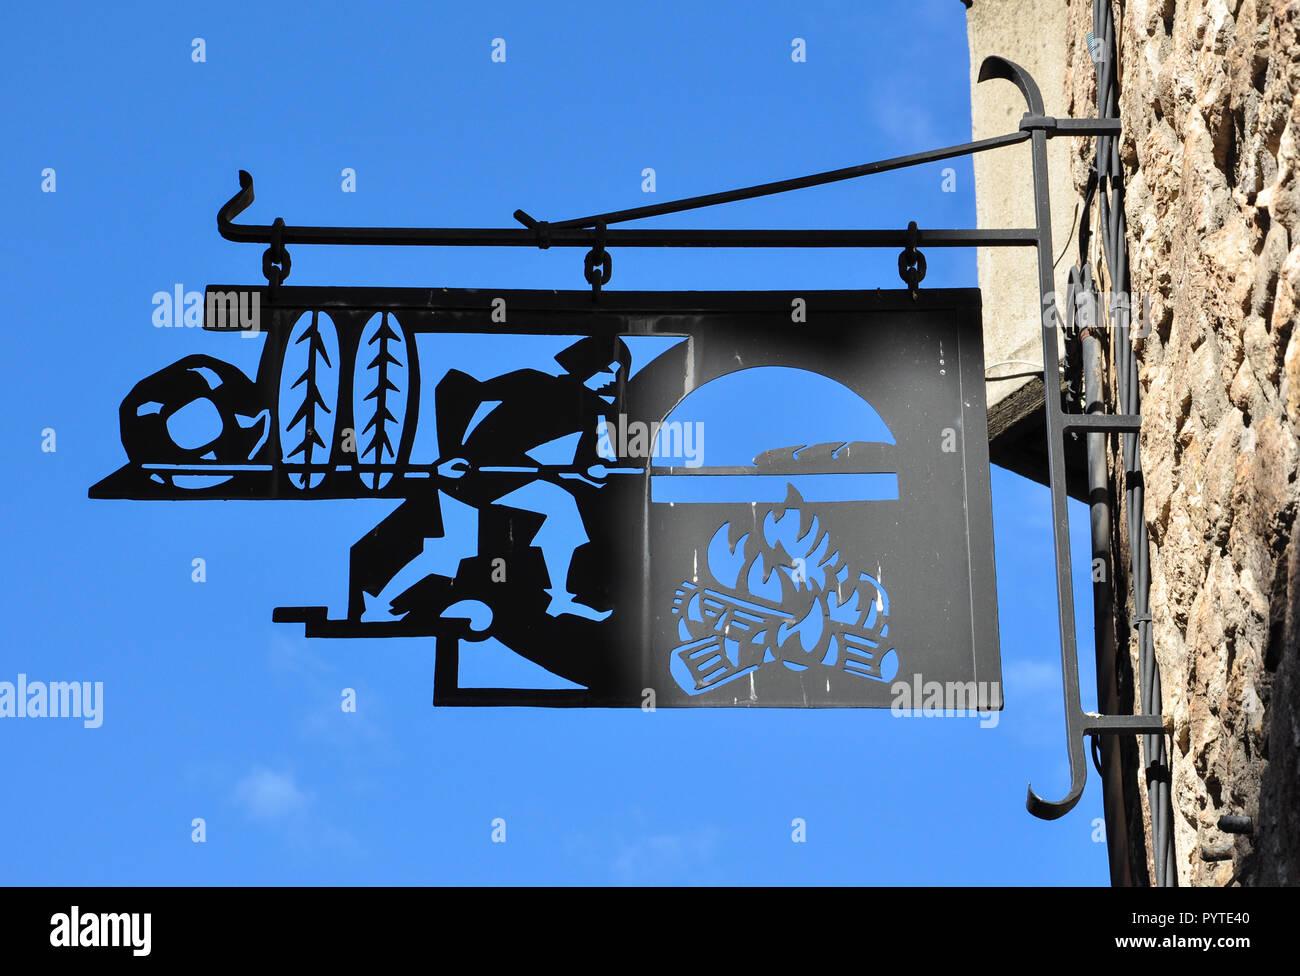 Villefranche-de-Conflent, Pyrenees-Orientales, Occitanie, France - Stock Image